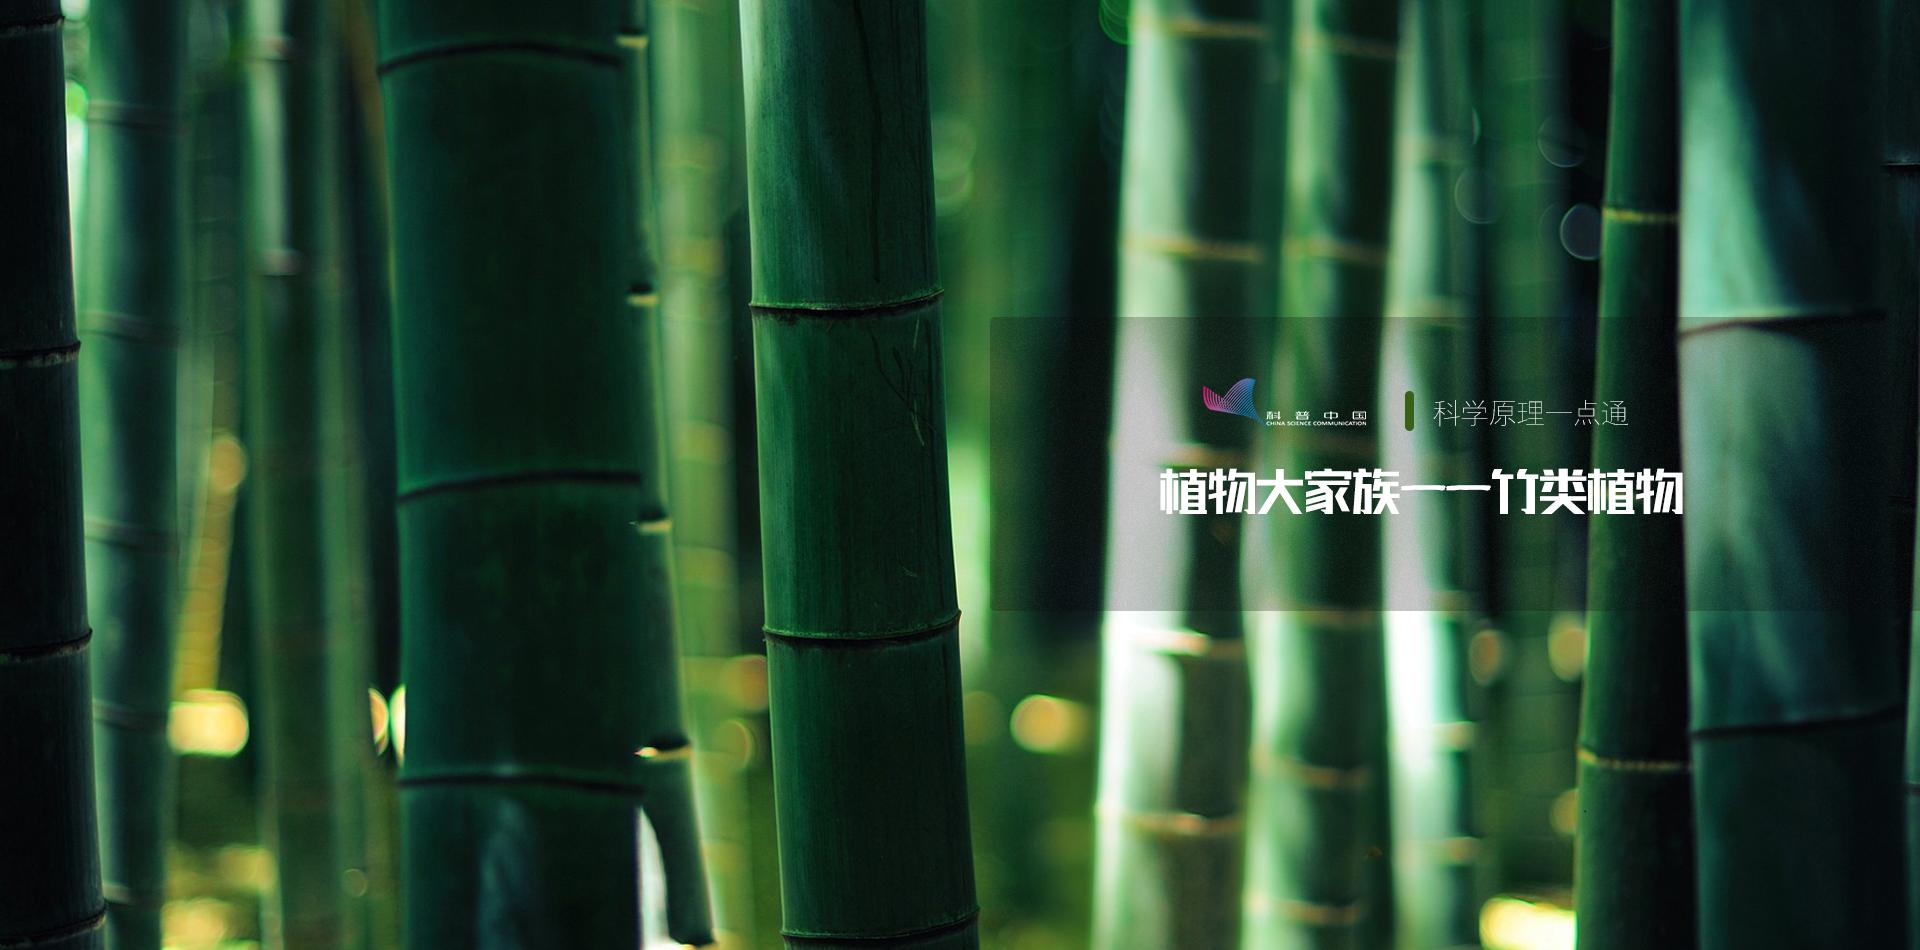 植物大家族——竹類植物